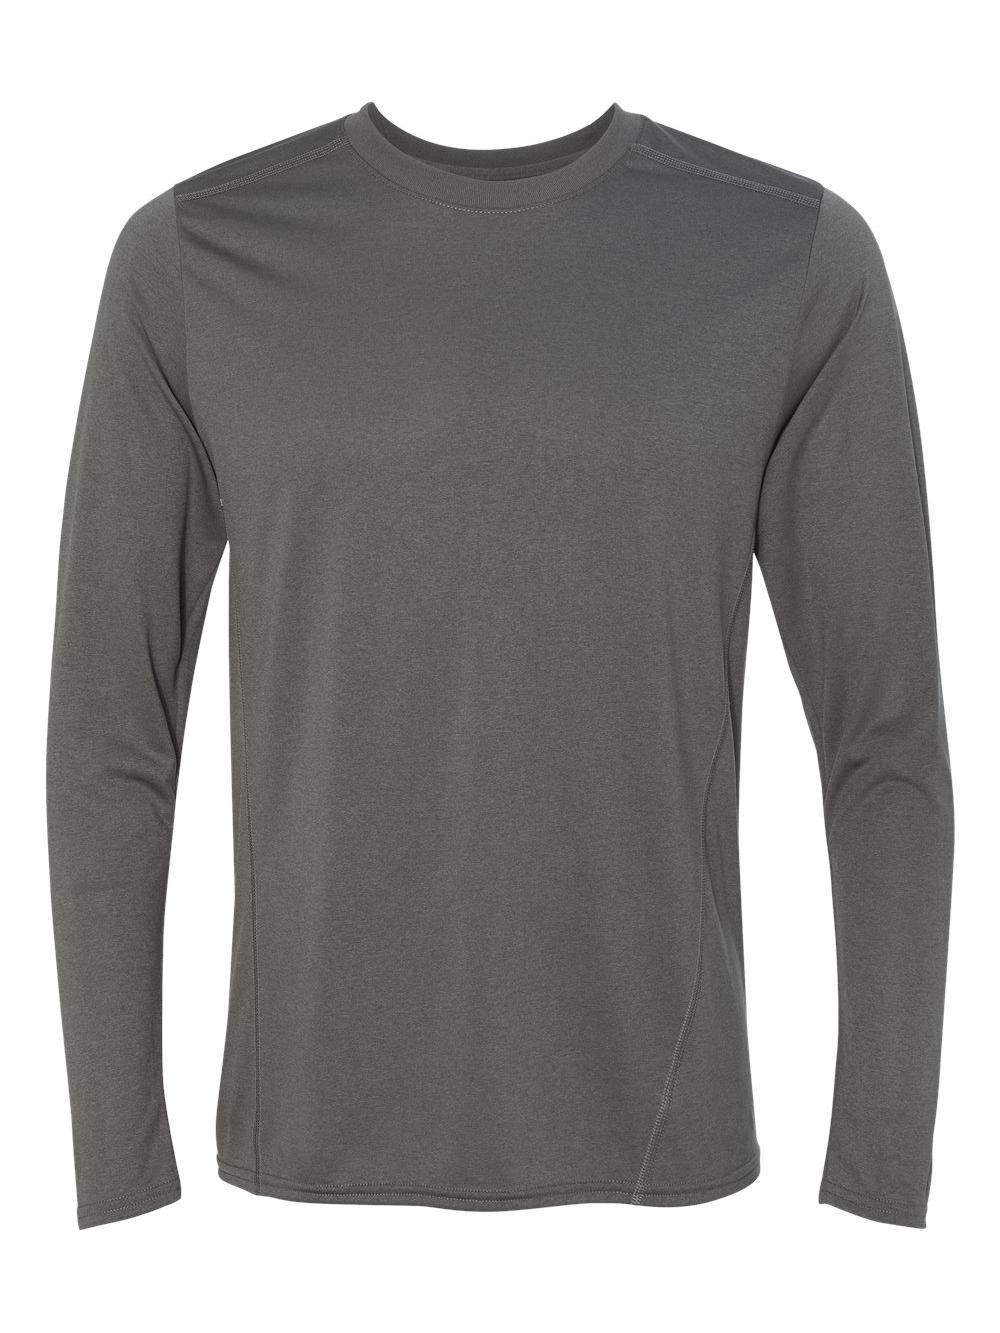 Gildan-Tech-Performance-Long-Sleeve-T-Shirt-47400 miniatura 9